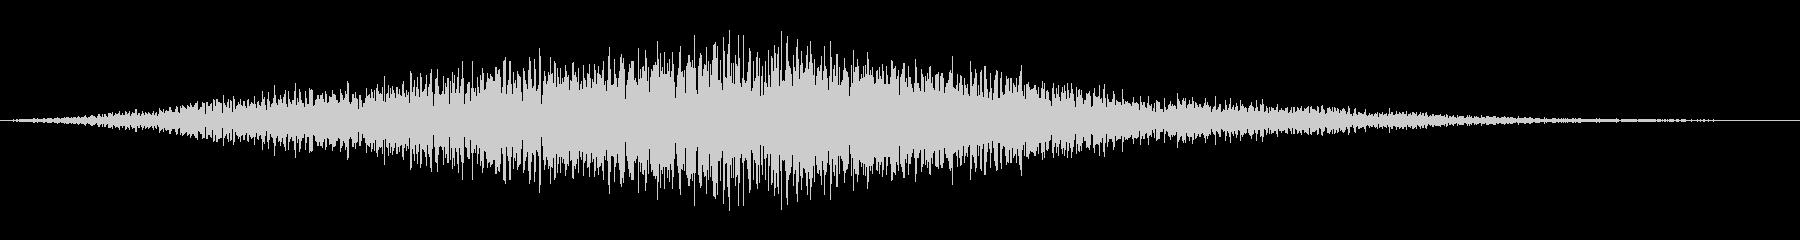 低金属リングトーン2の未再生の波形